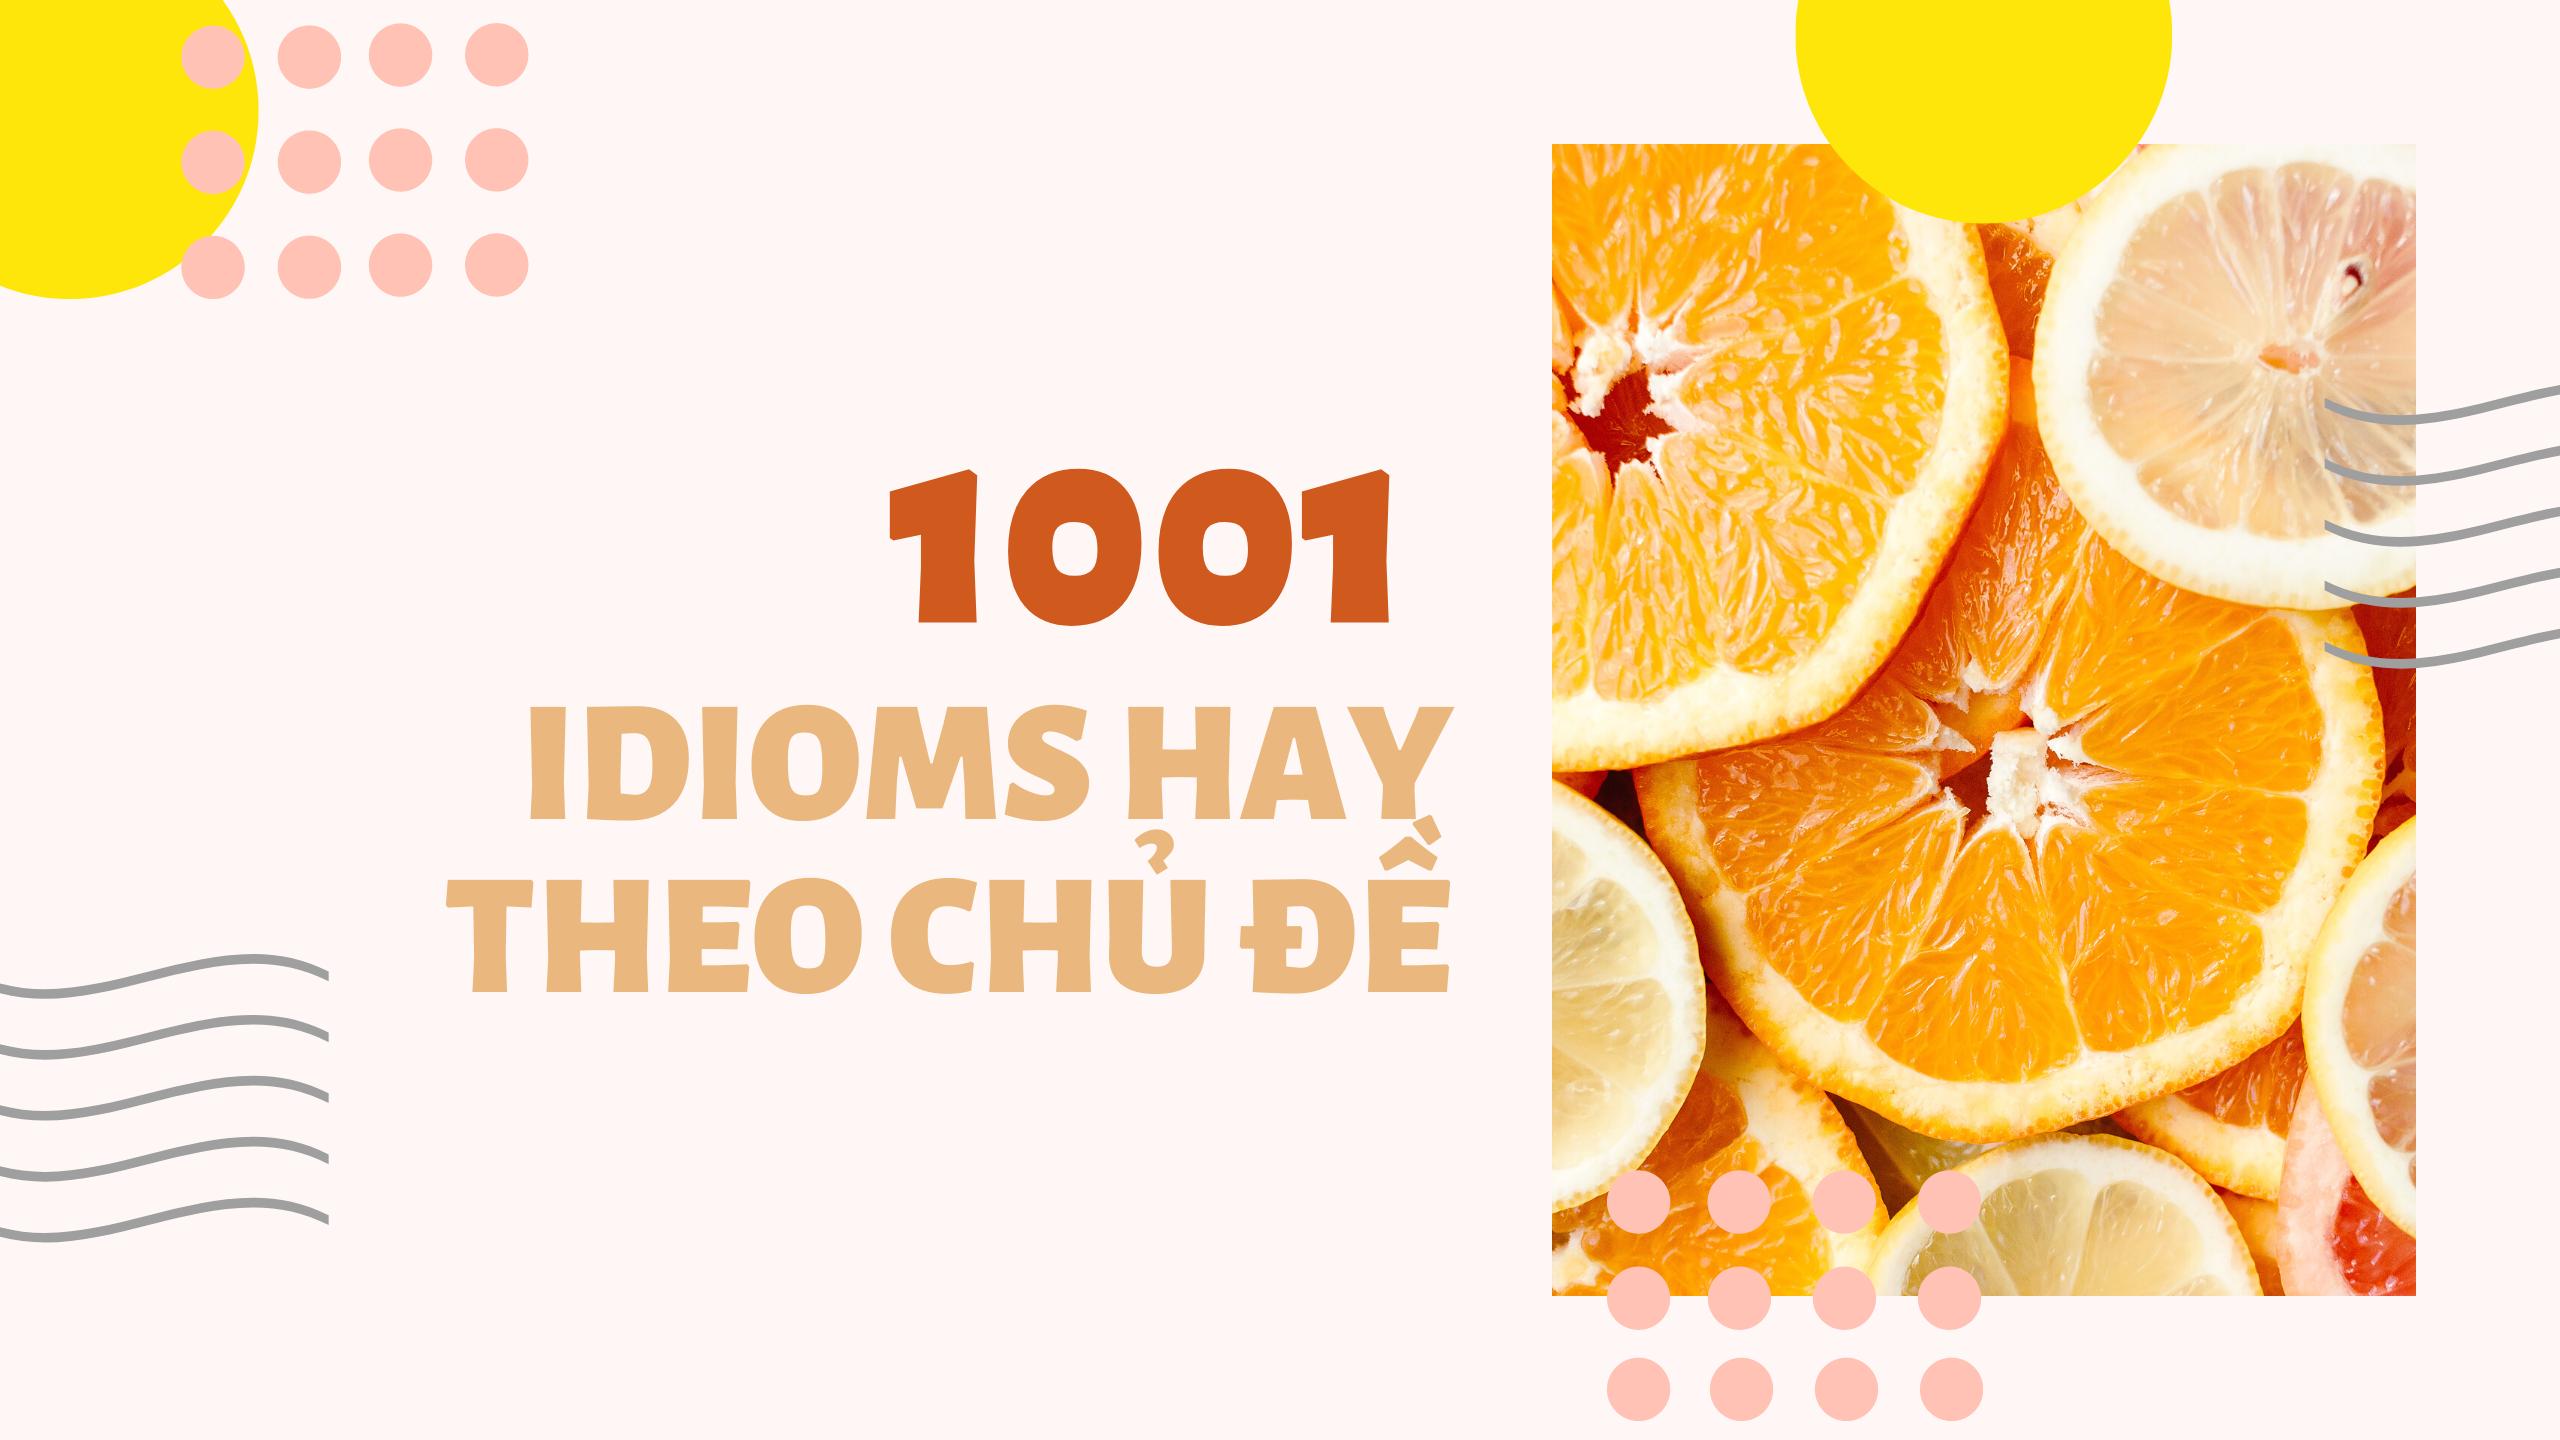 Tổng hợp 1001 idioms hay theo chủ đề